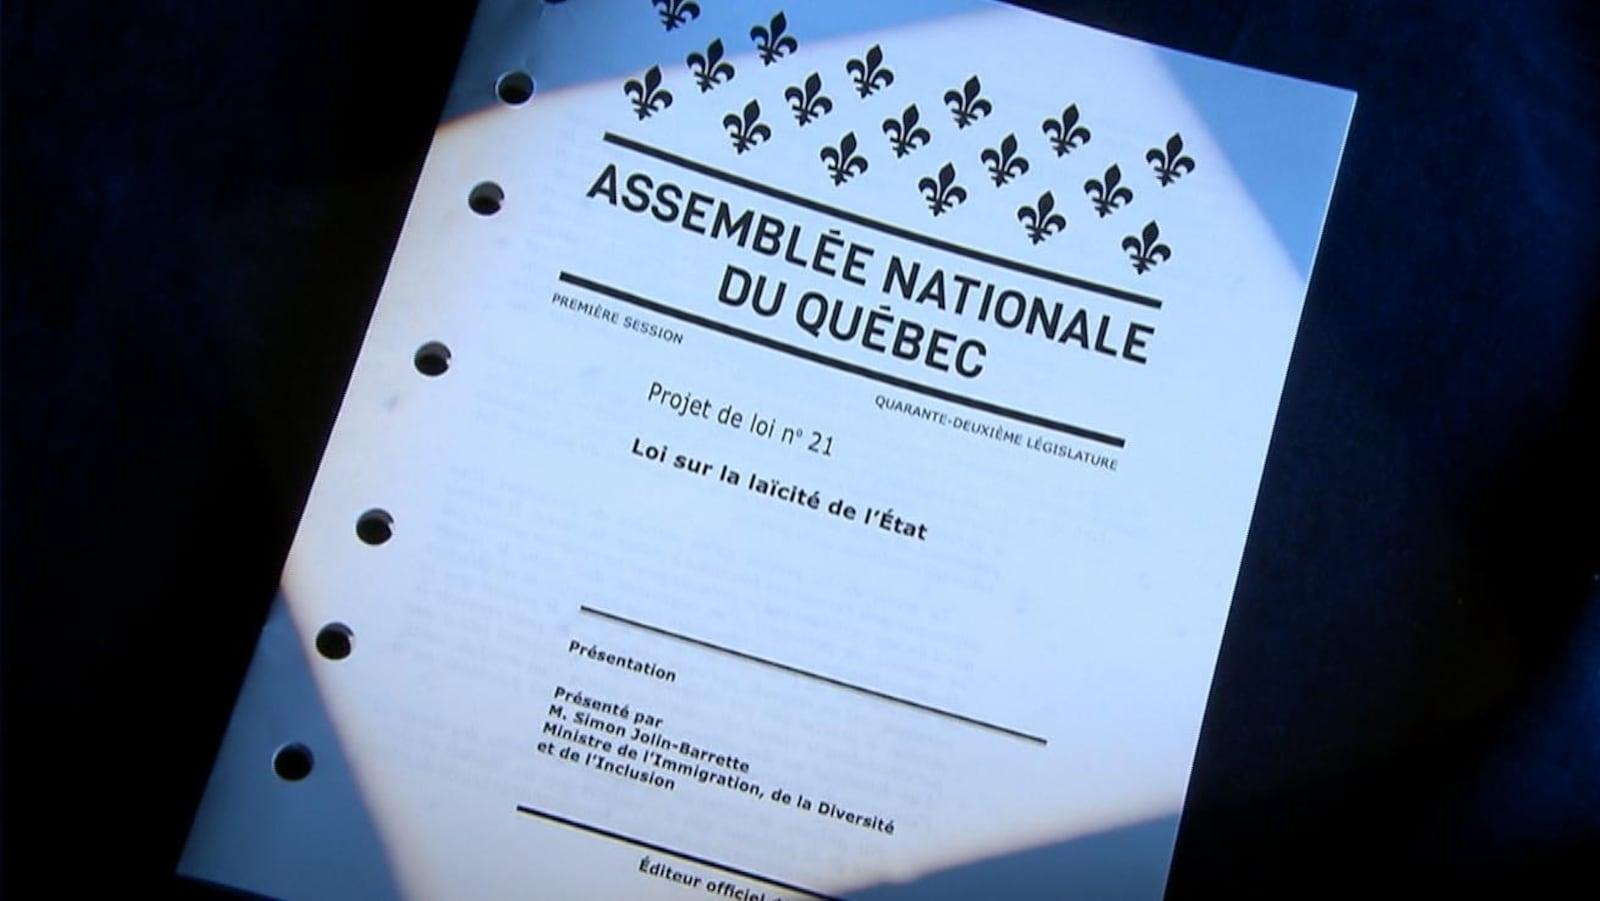 Image de la couverture du projet de loi déposé par le ministre Simon Jolin-Barrette à l'Assemblée nationale.